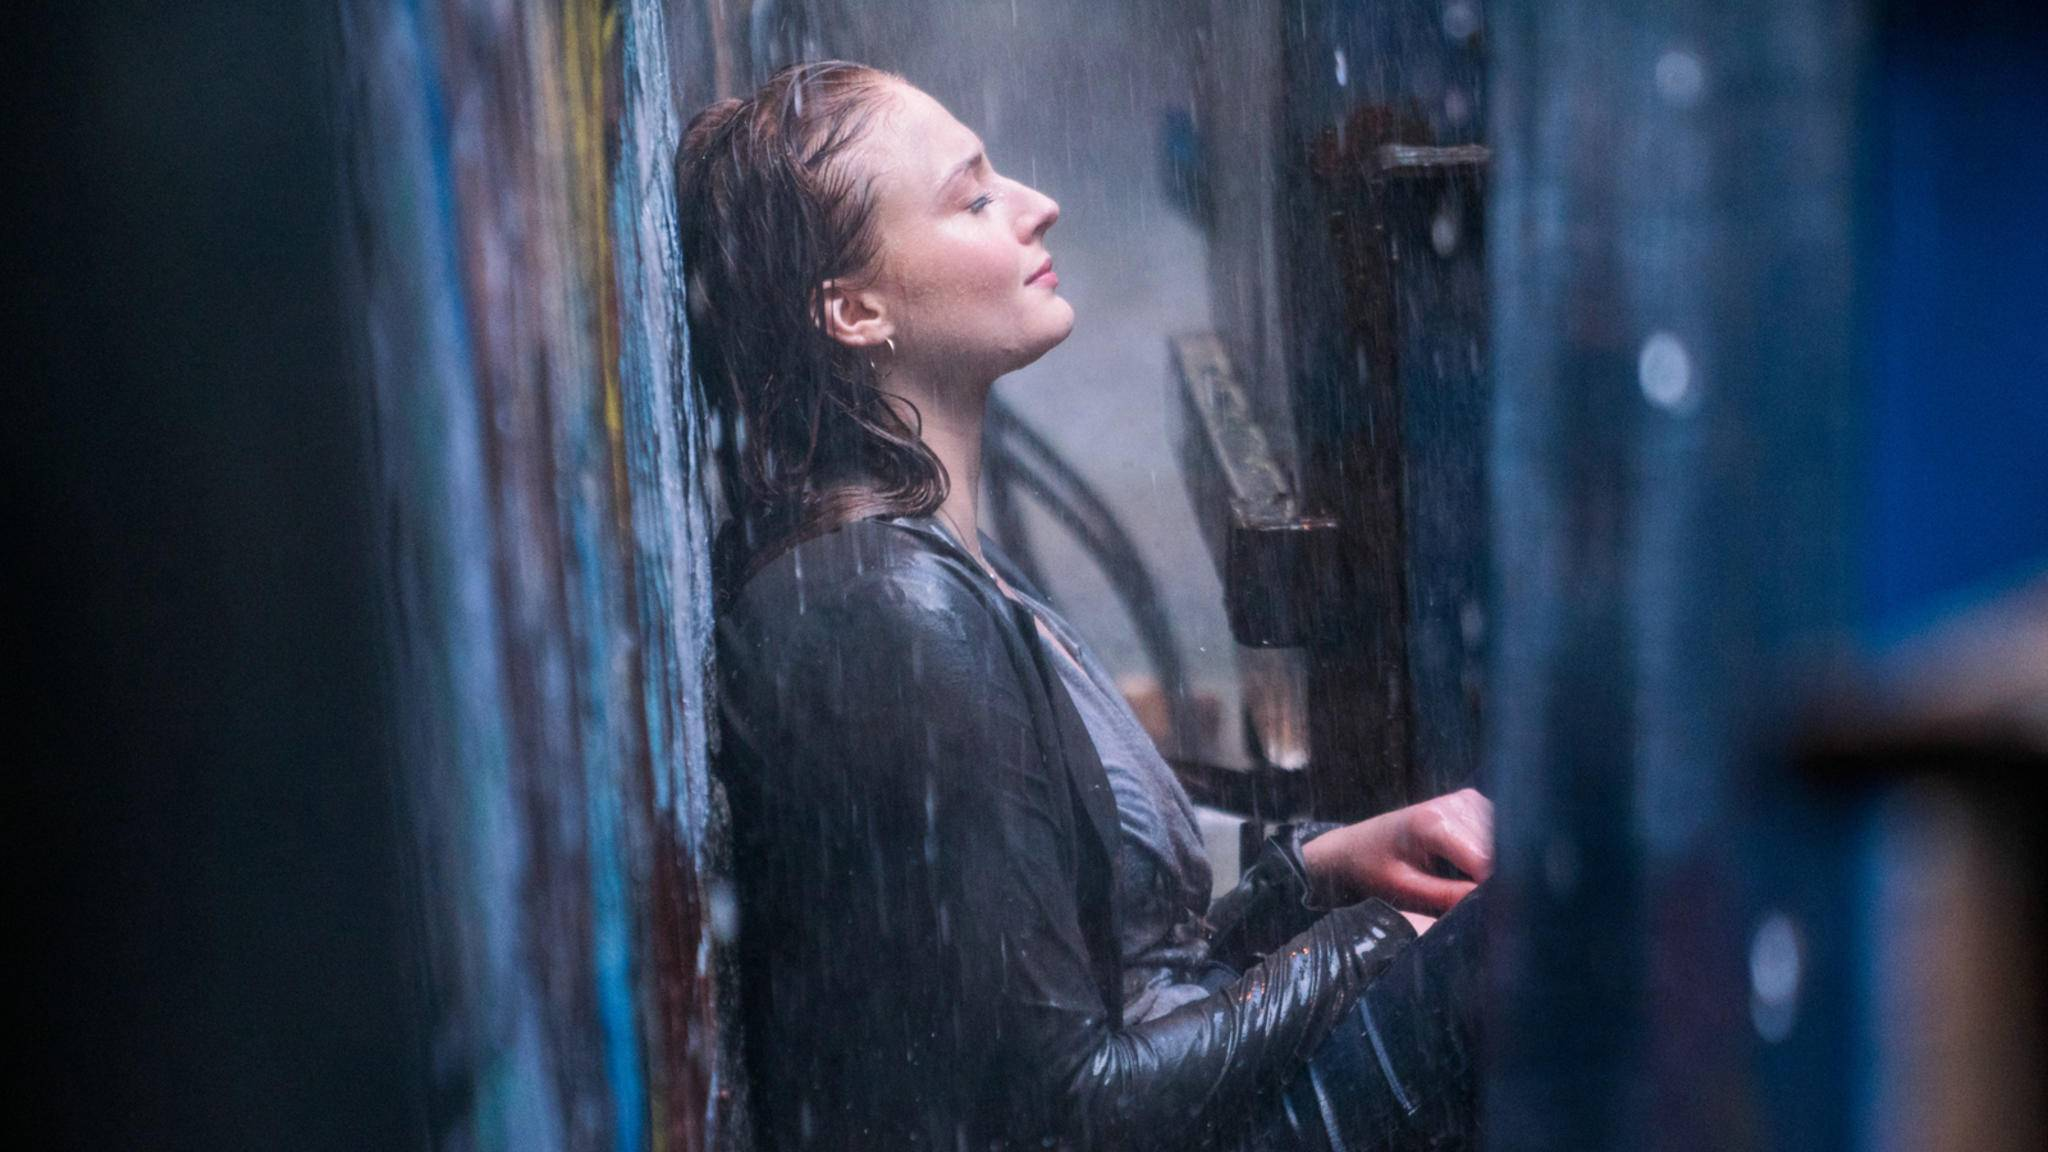 """Jean Grey muss in """"X-Men"""": Dark Phoenix"""" gegen ihre dunkle Seite ankämpfen."""